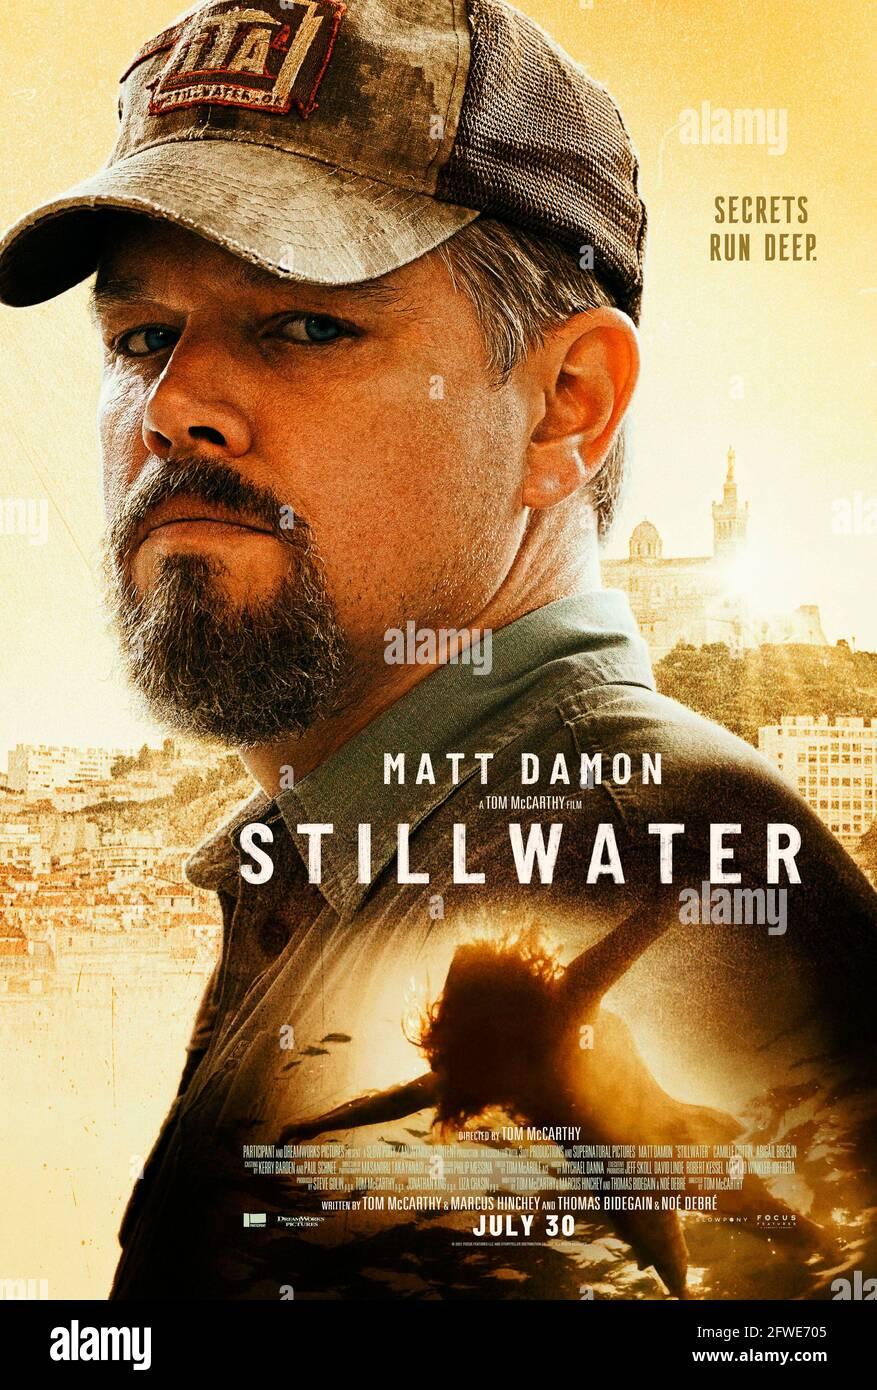 MATT DAMON in STILLWATER 20, Regie Tom MCCARTHY. Bild ...